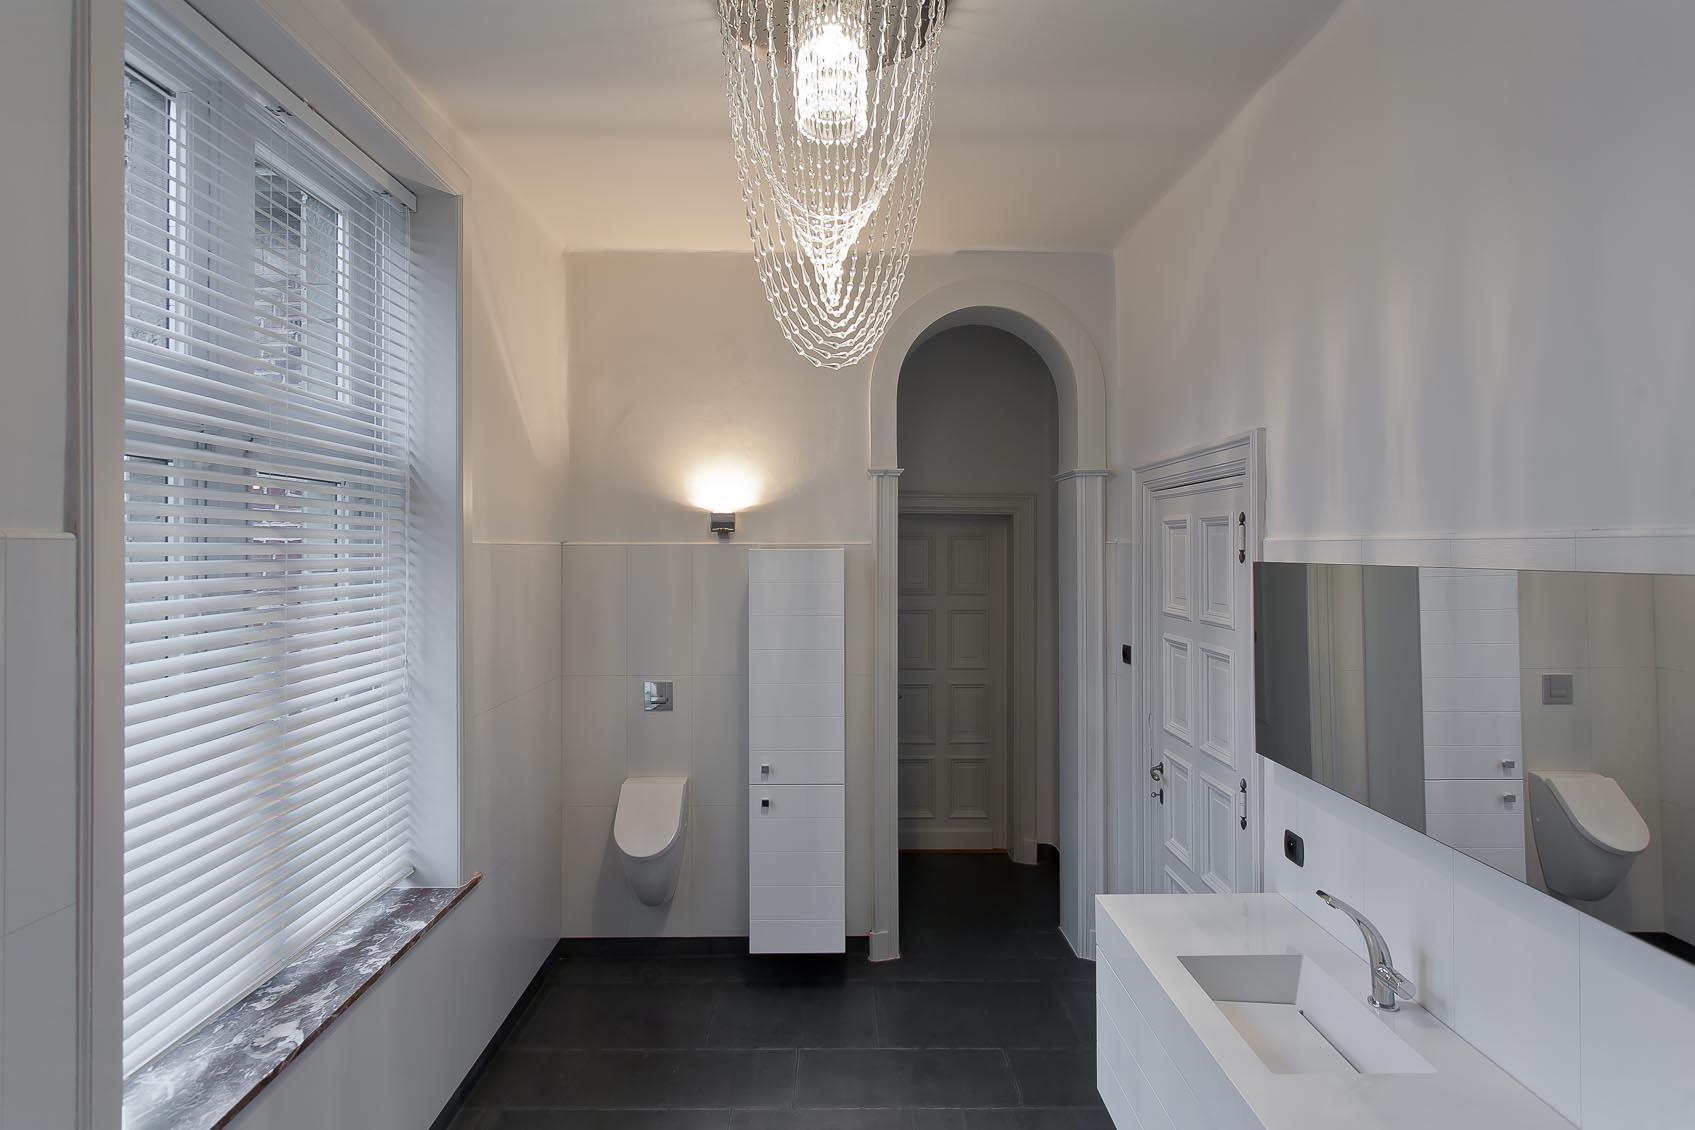 viabizzuno alvaline gocce cupola hanglamp in badkamer toepassing